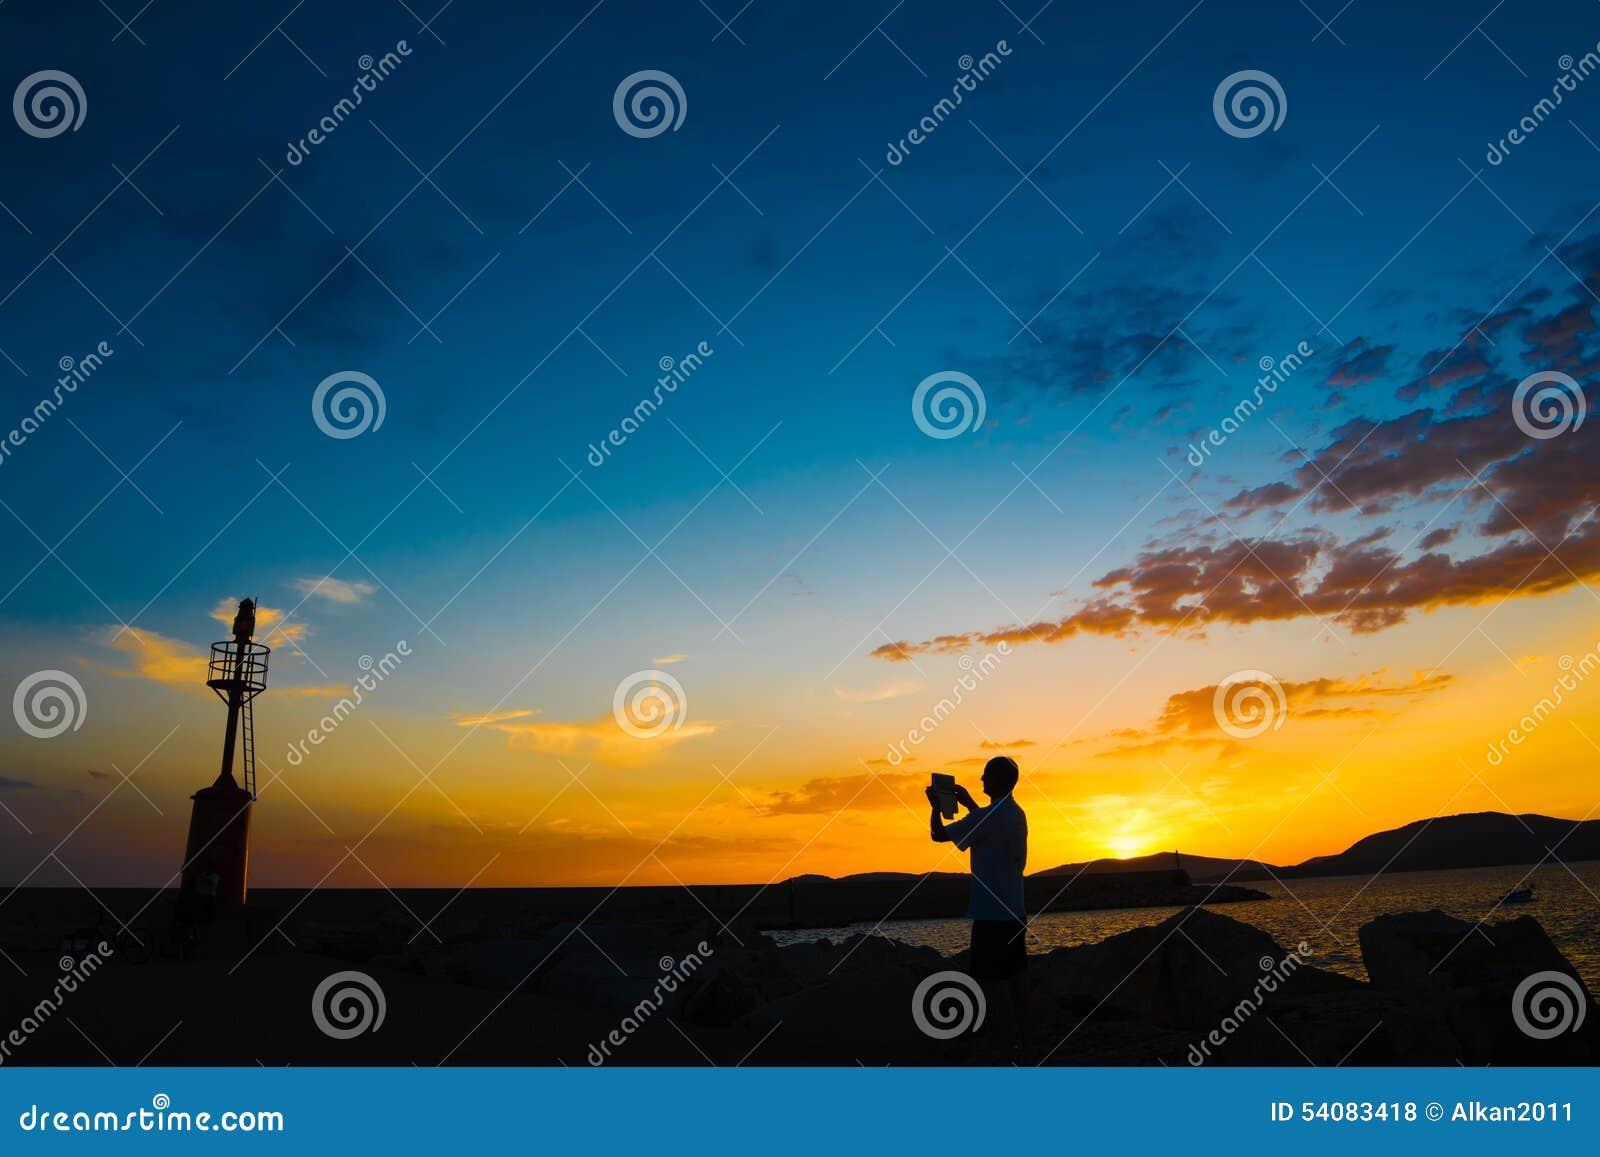 Toerist en vuurtoren bij zonsondergang